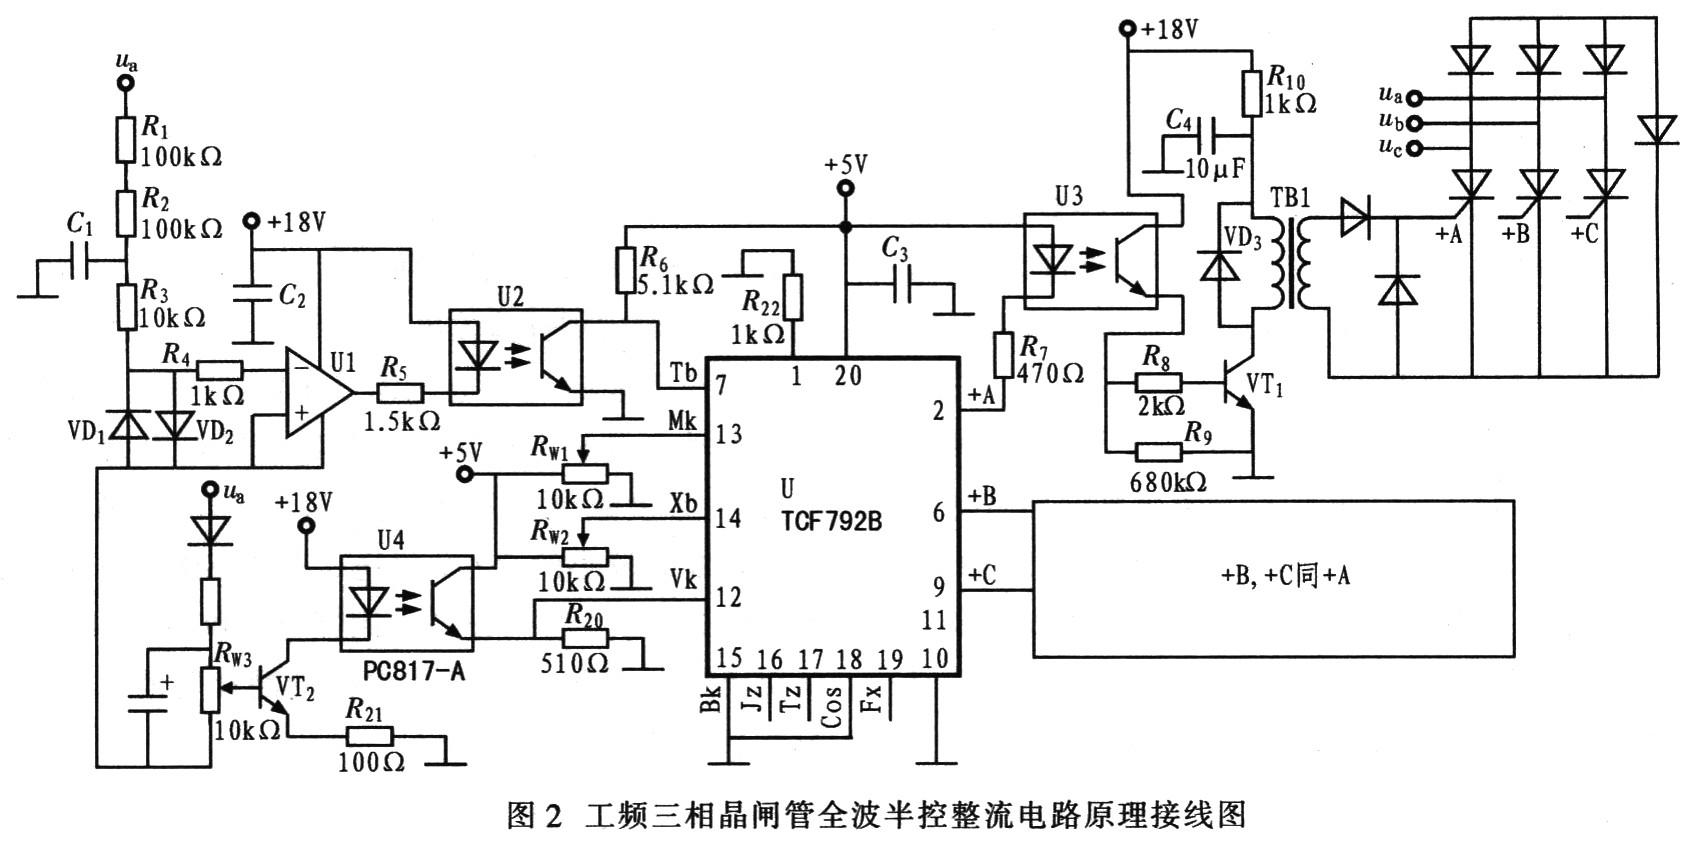 工频三相晶闸管全波半控整流电路原理接线图